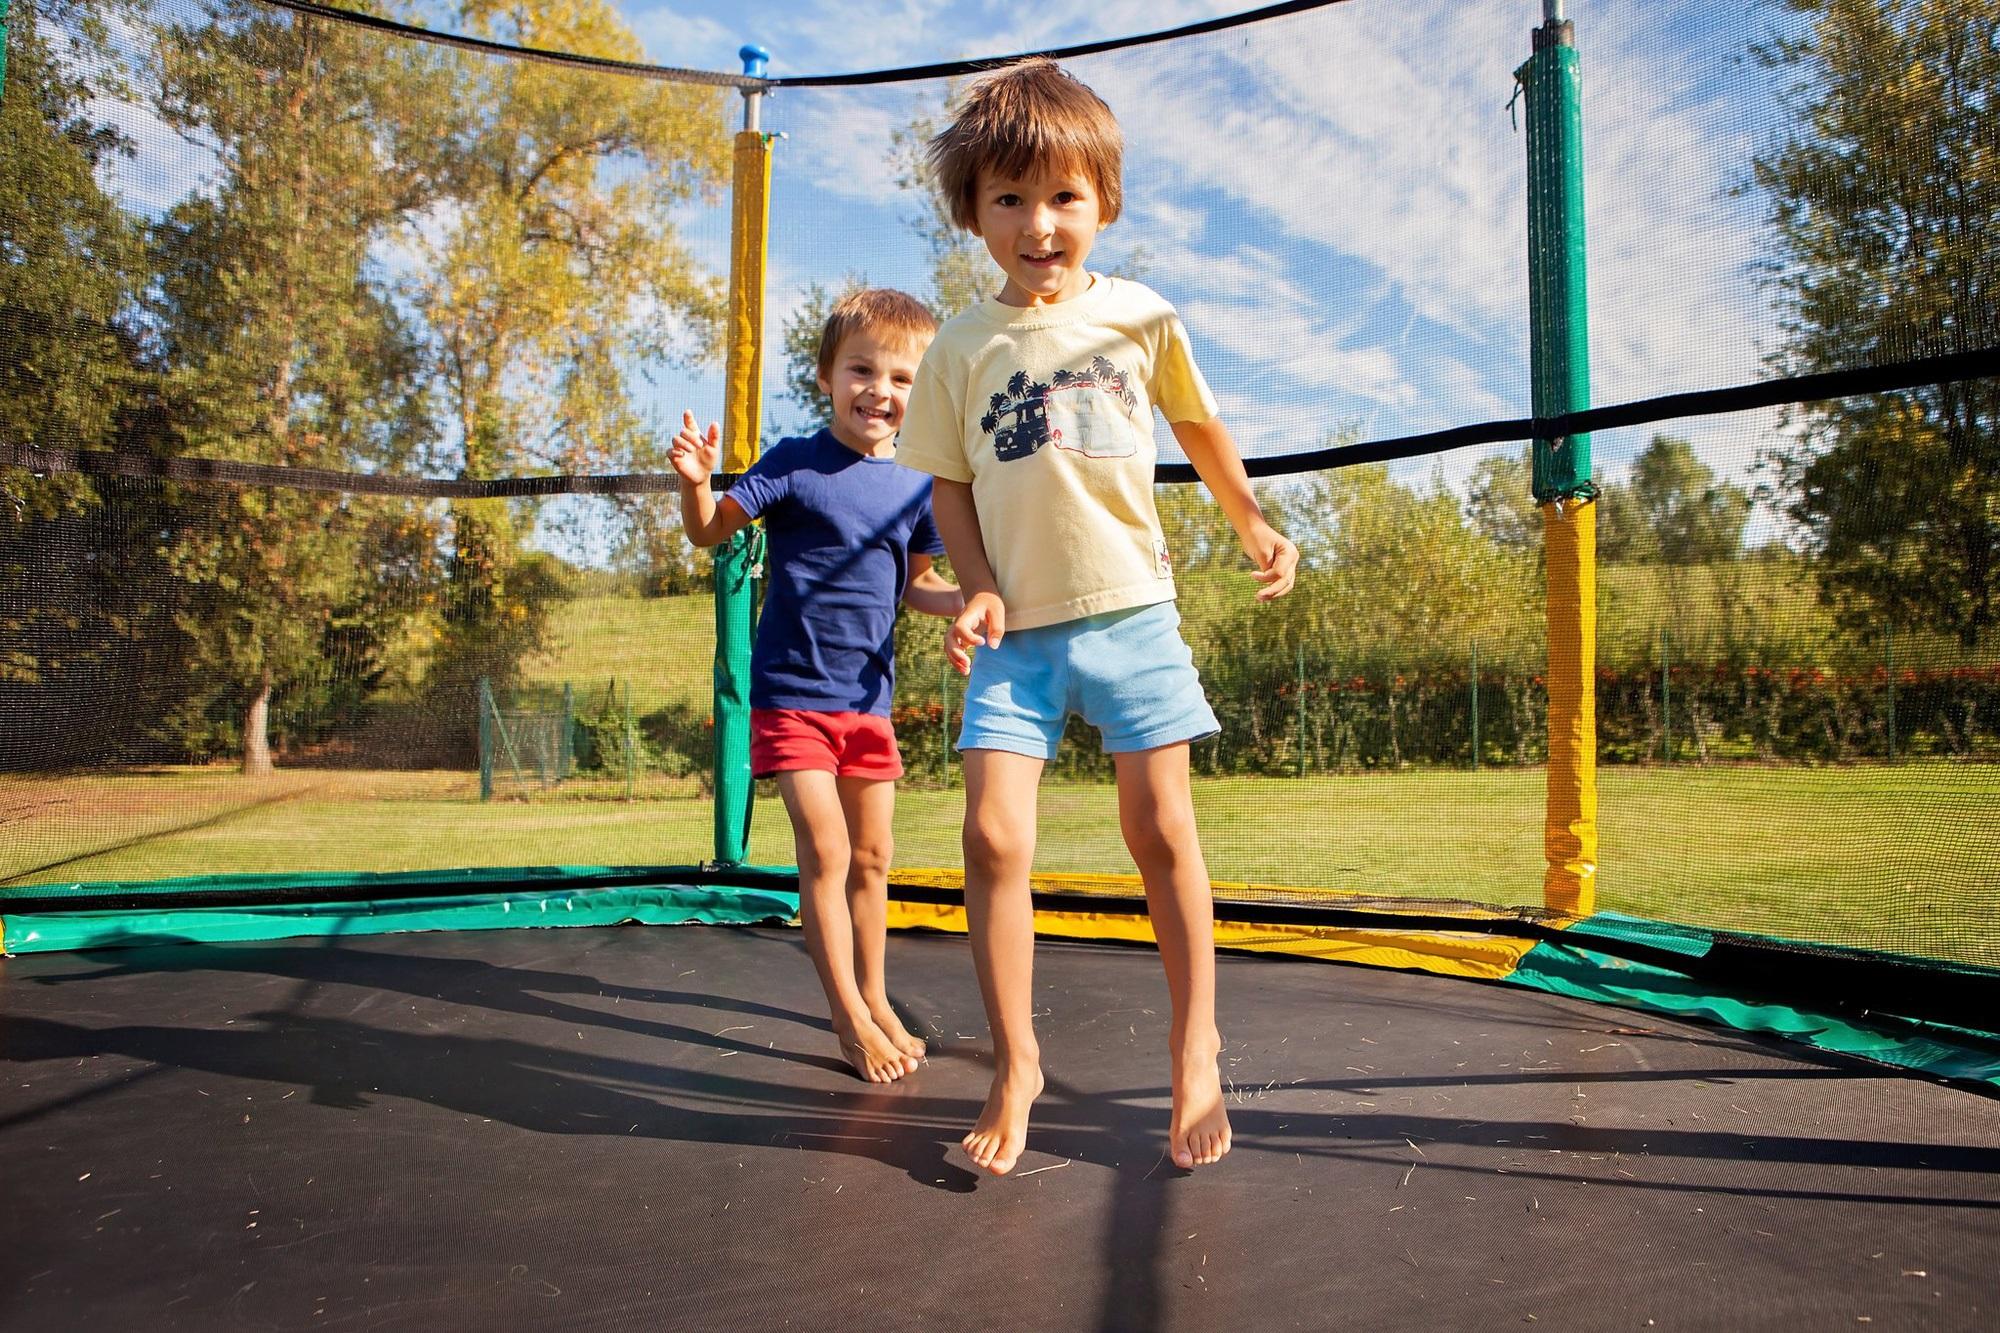 Bé trai 3 tuổi bị gãy xương đùi sau khi nhảy trên bạt nhún lò xo trong khu vui chơi giải trí - Ảnh 3